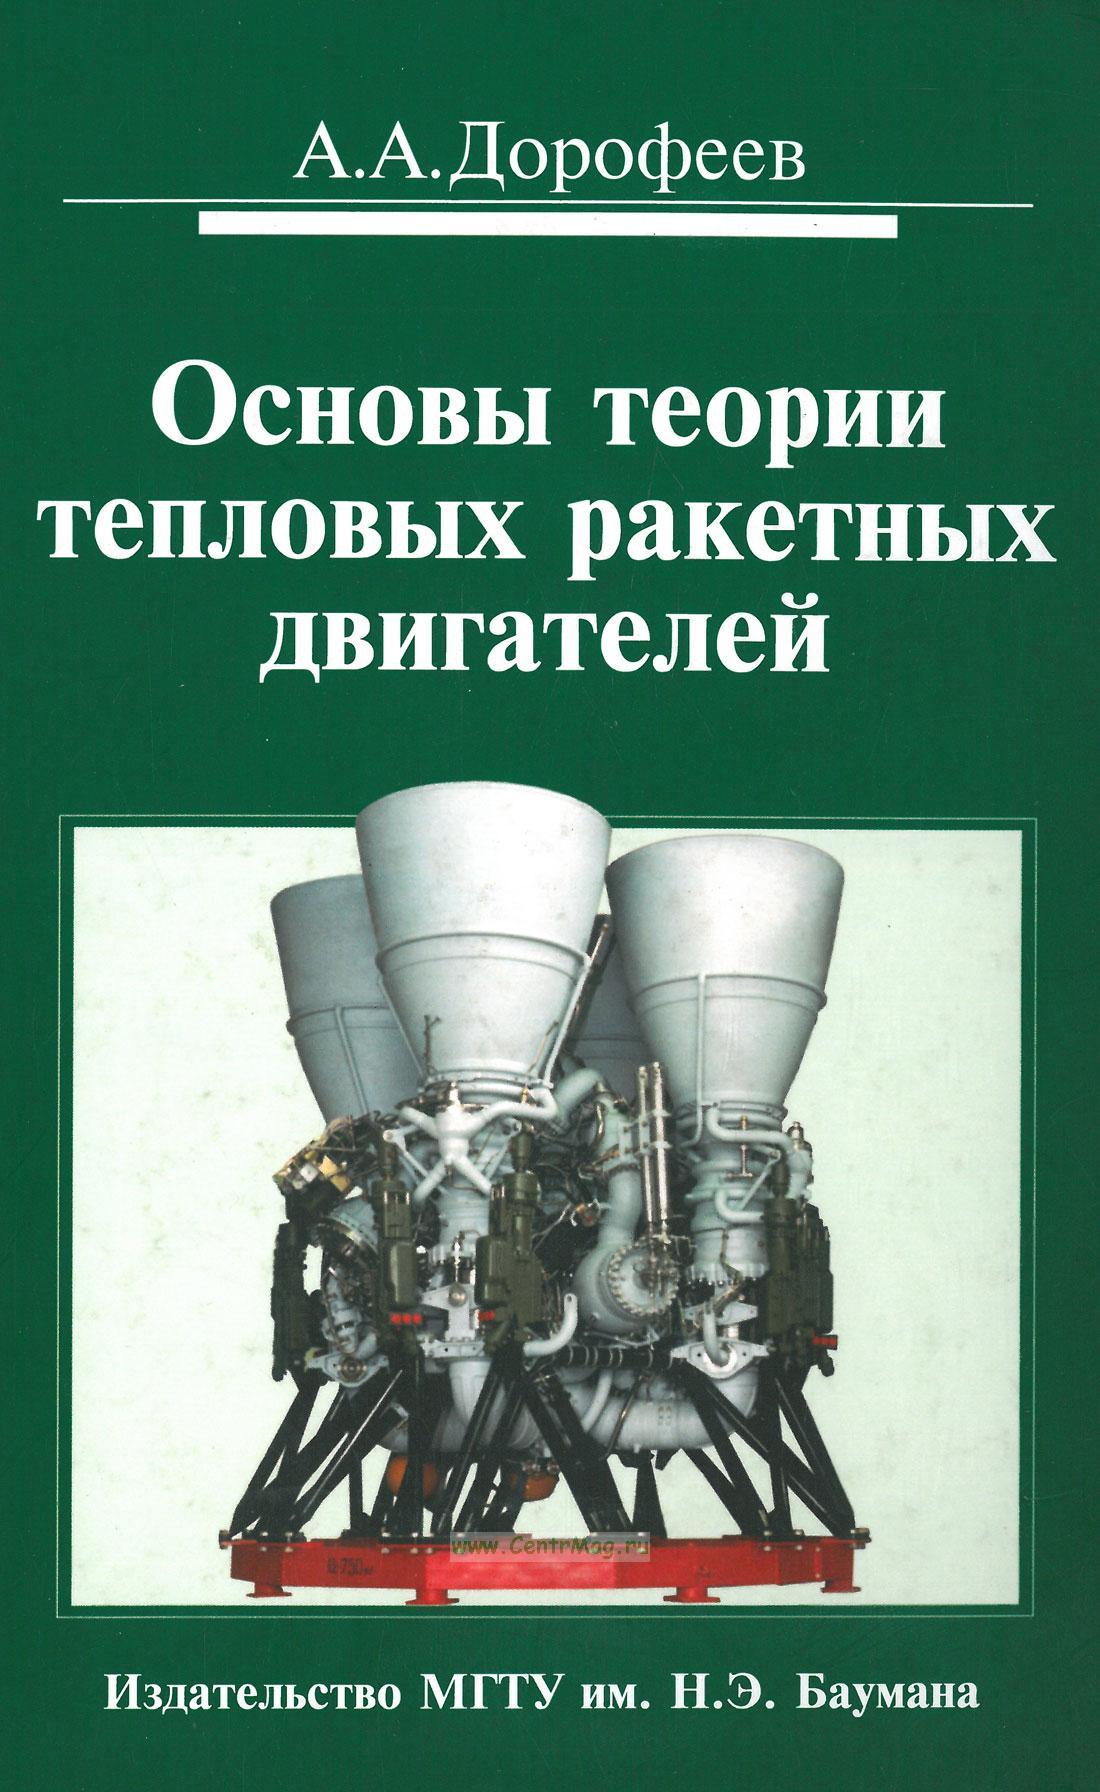 Основы теории тепловых ракетных двигателей. Теория, расчет и проектирование: учебник (3-е издание, переработанное и дополненное)